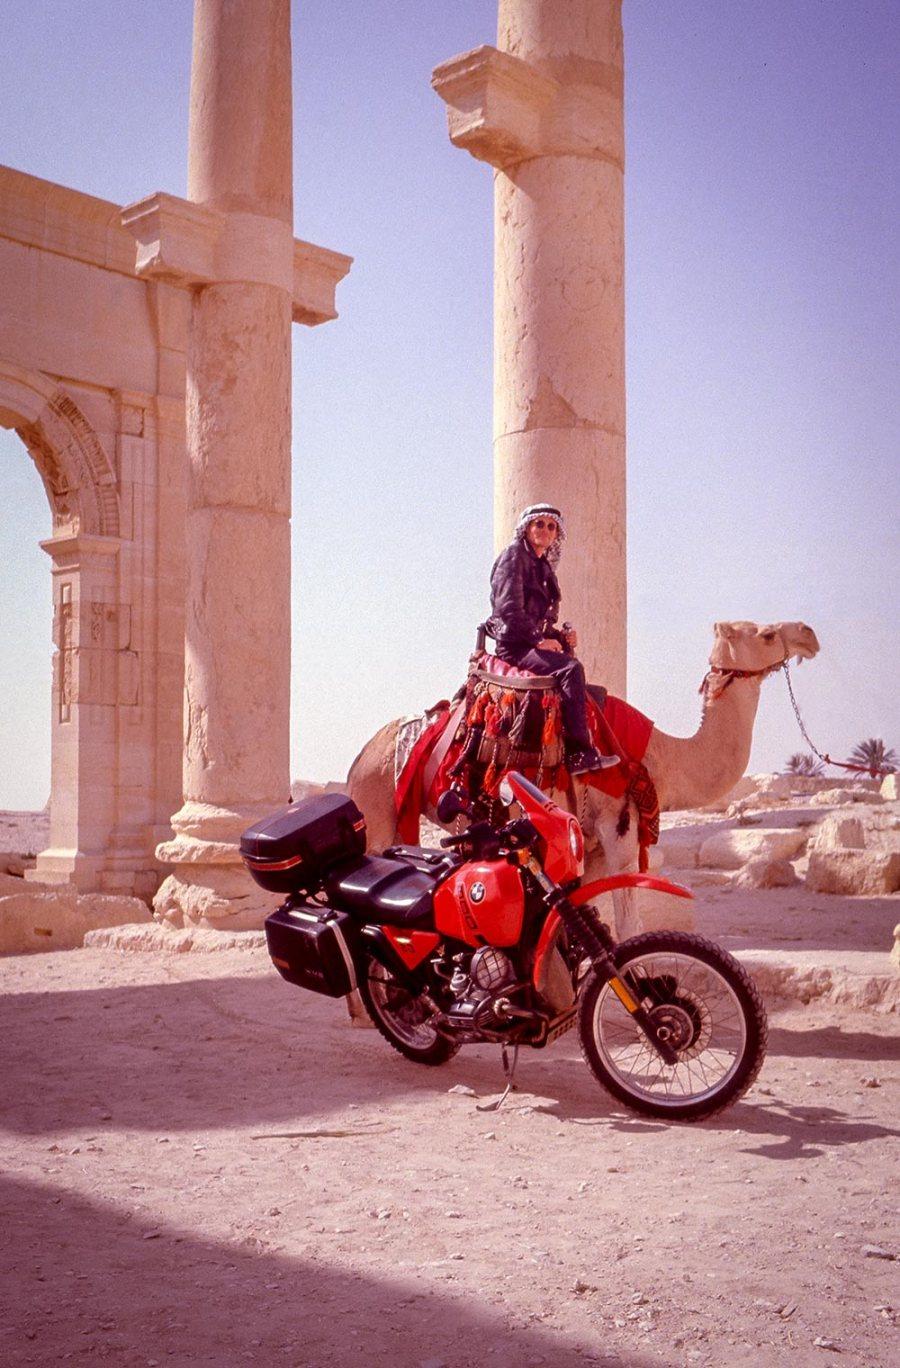 Motorrad BMW R80GS, Tourist mit arabischer Kopfbedeckung sitzt auf einem Kamel